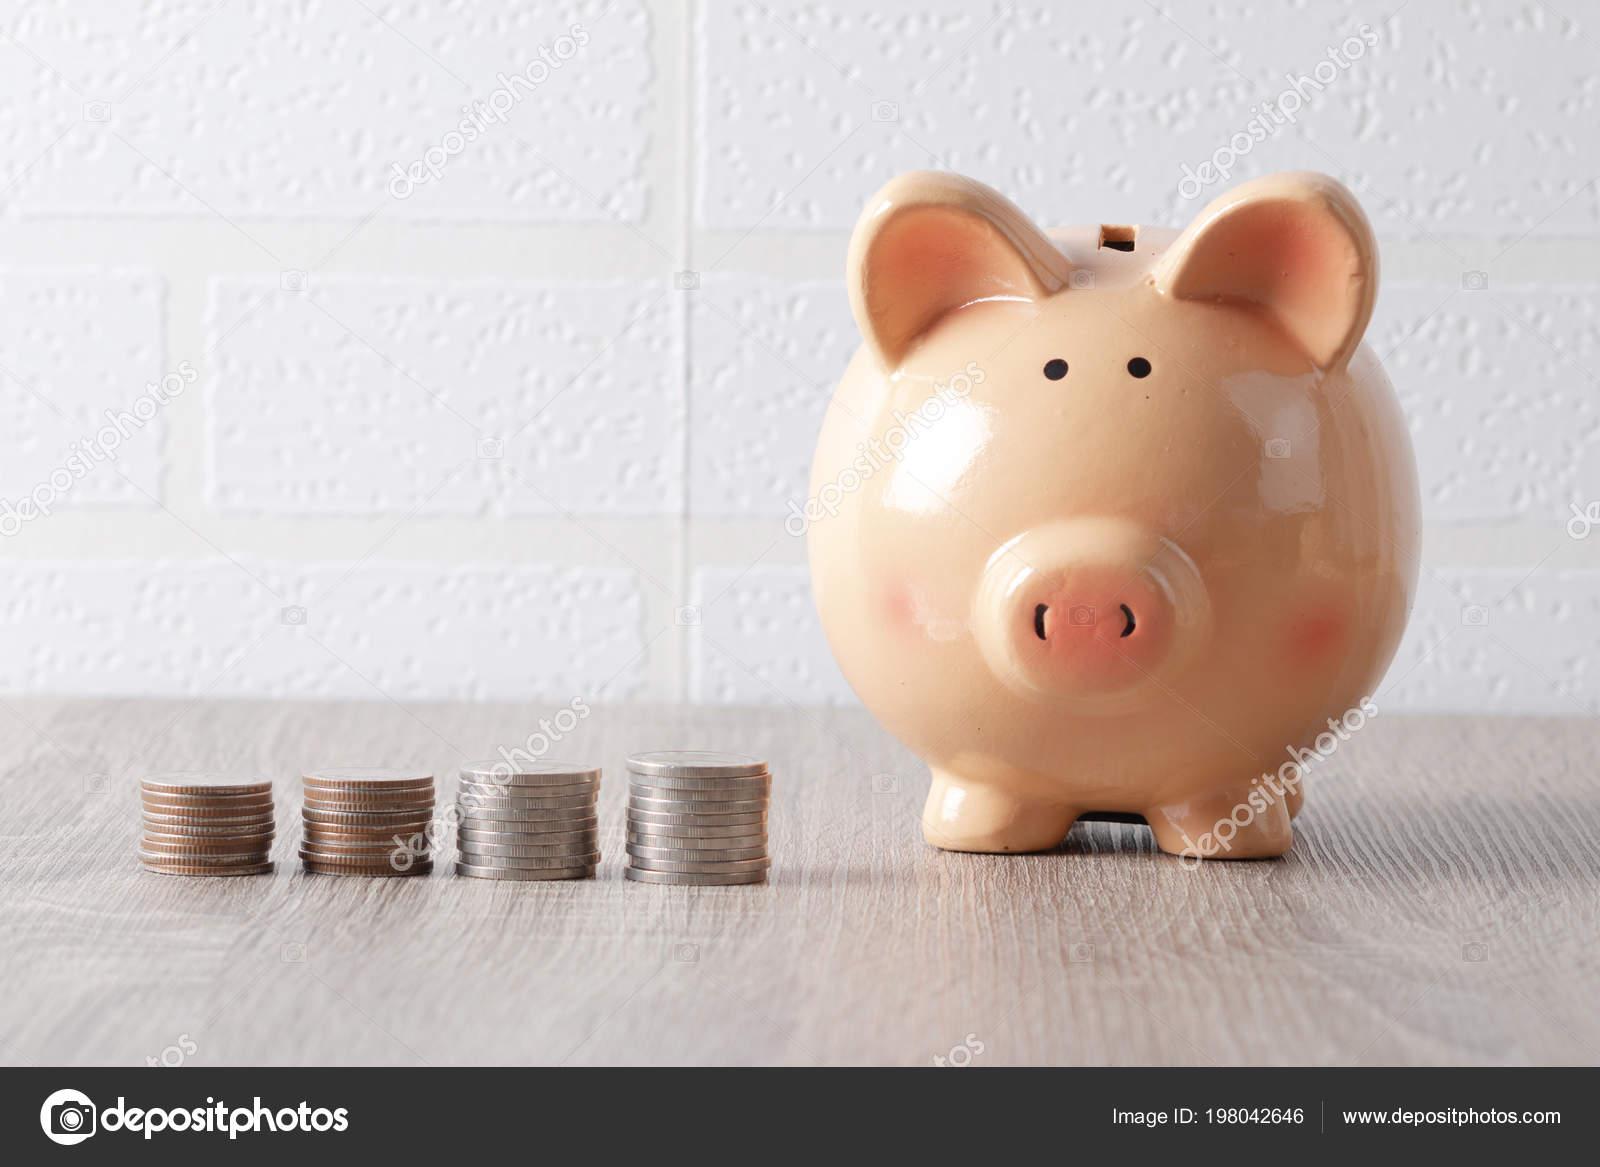 Houten Tafel En Bank.Piggy Bank Houten Tafel Munten Stapels Met Kopie Sapce Stockfoto